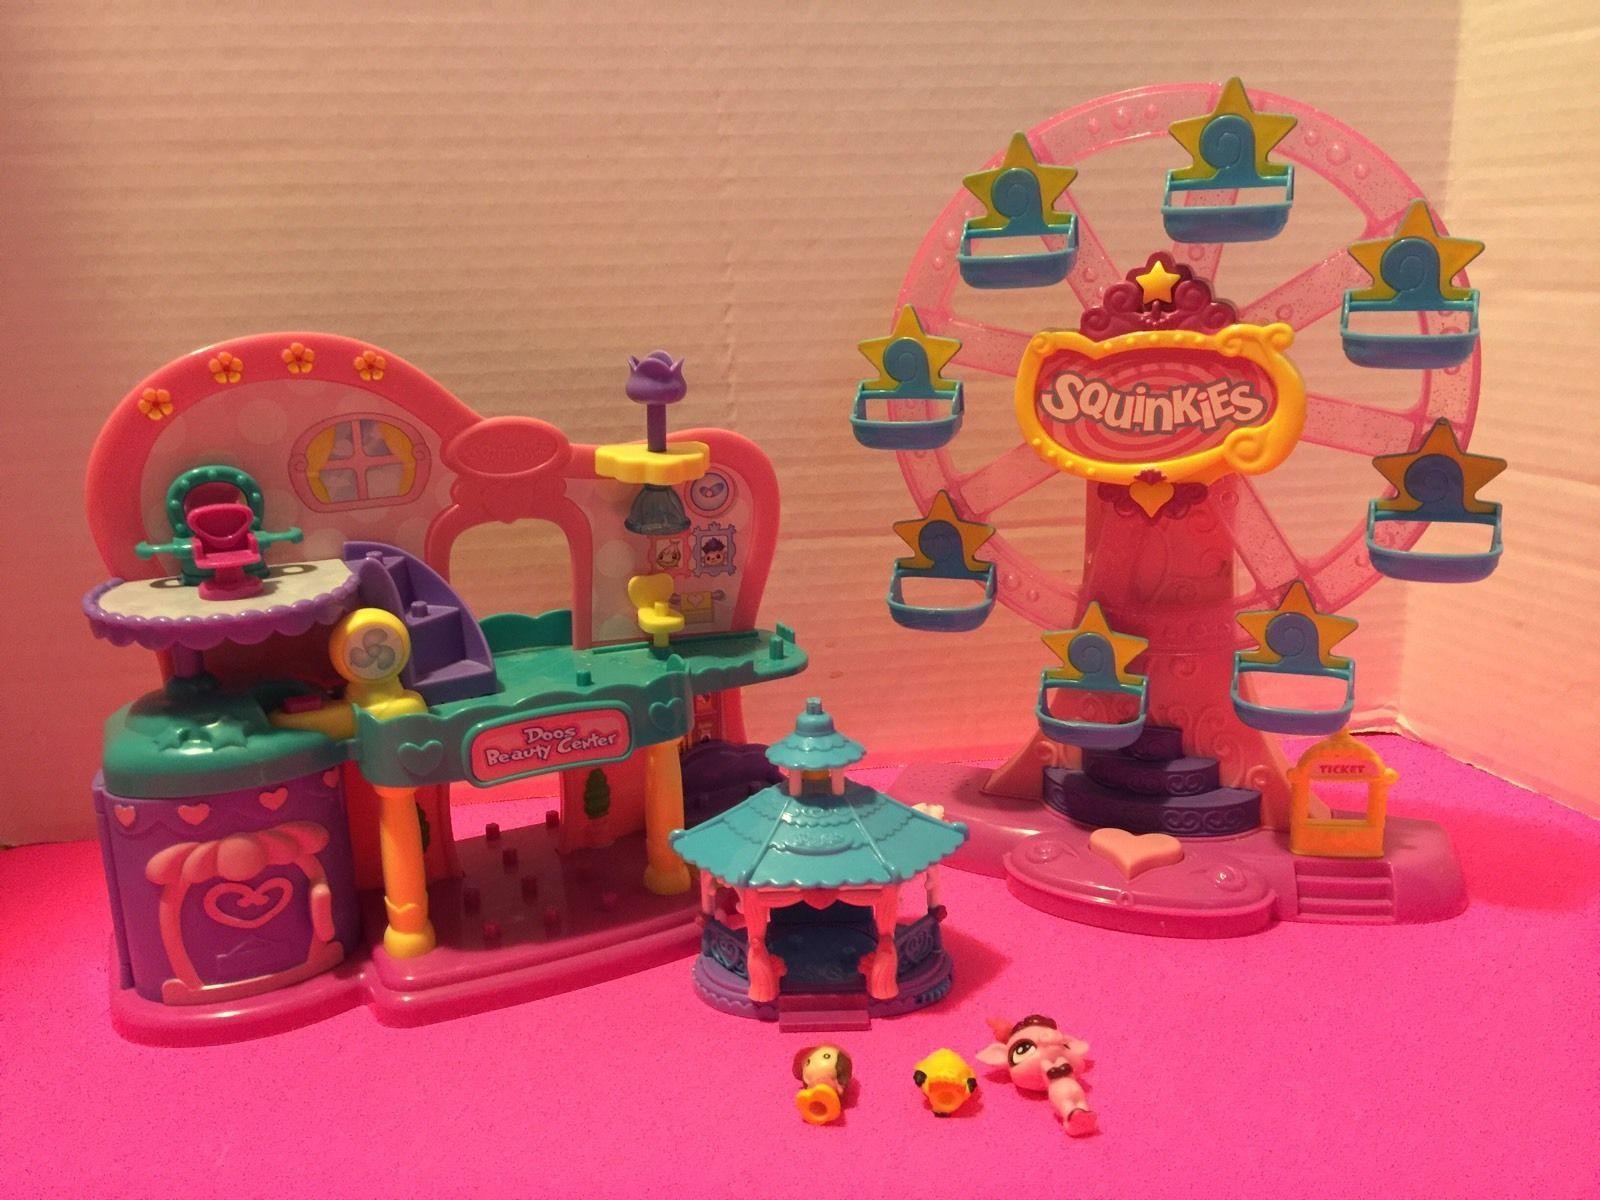 Details about Squinkies Blip Toys Lot Ferris Wheel, Doos